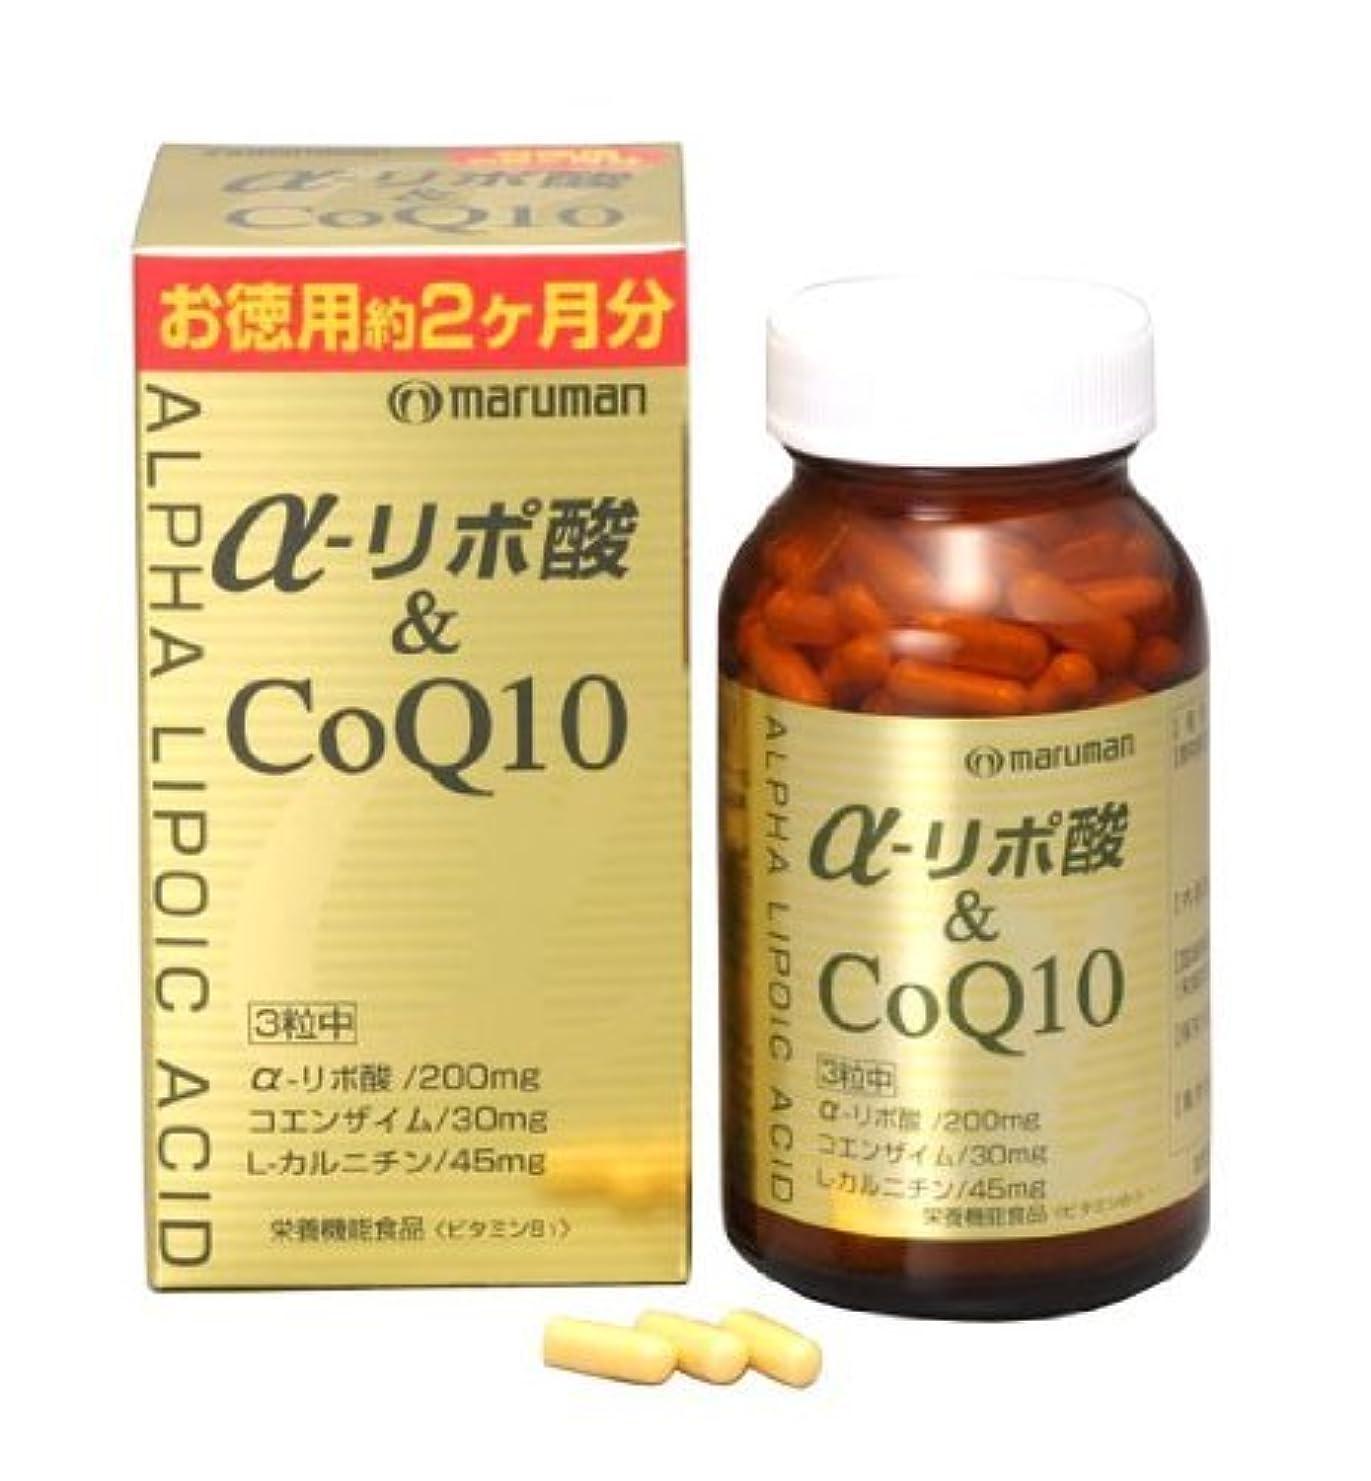 懲らしめあえぎモジュールαリポ酸&COQ10 徳用2ヶ月分 話題の成分配合